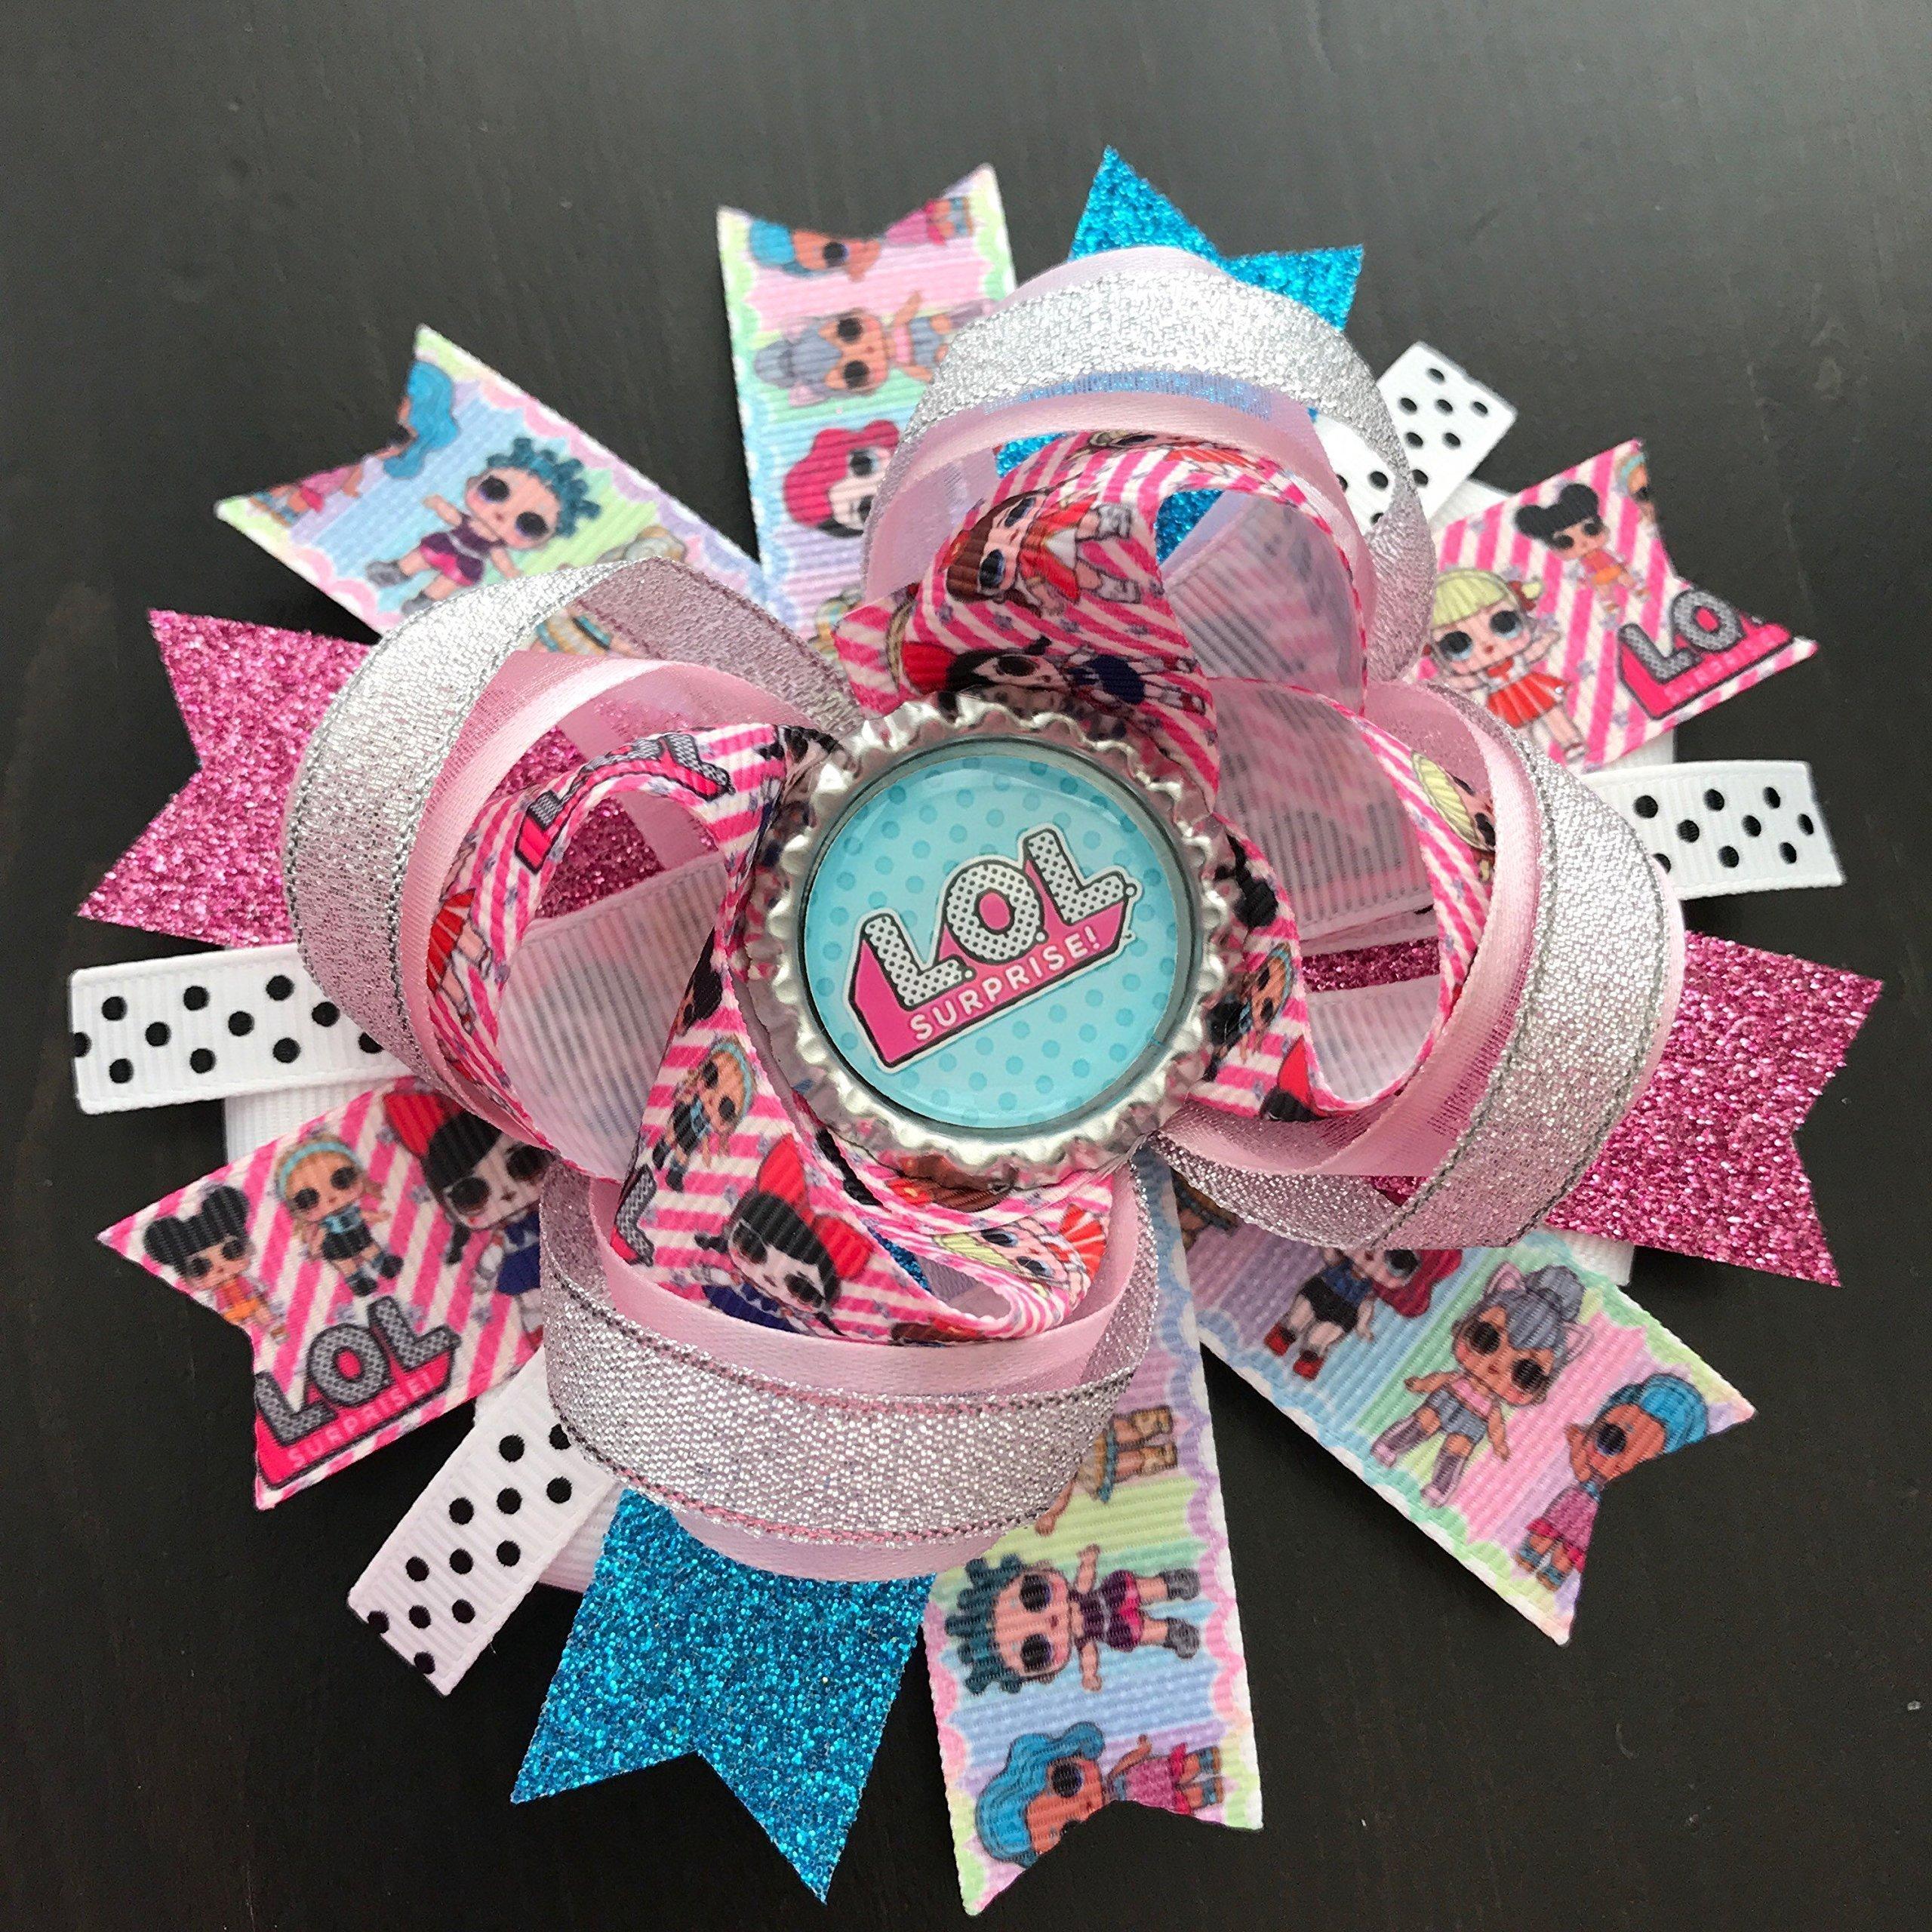 Lol Surprise Dolls Hair Bow, LOL Surprise Dolls Birthday Hair Bow Accessories, LOL Surprise Dolls